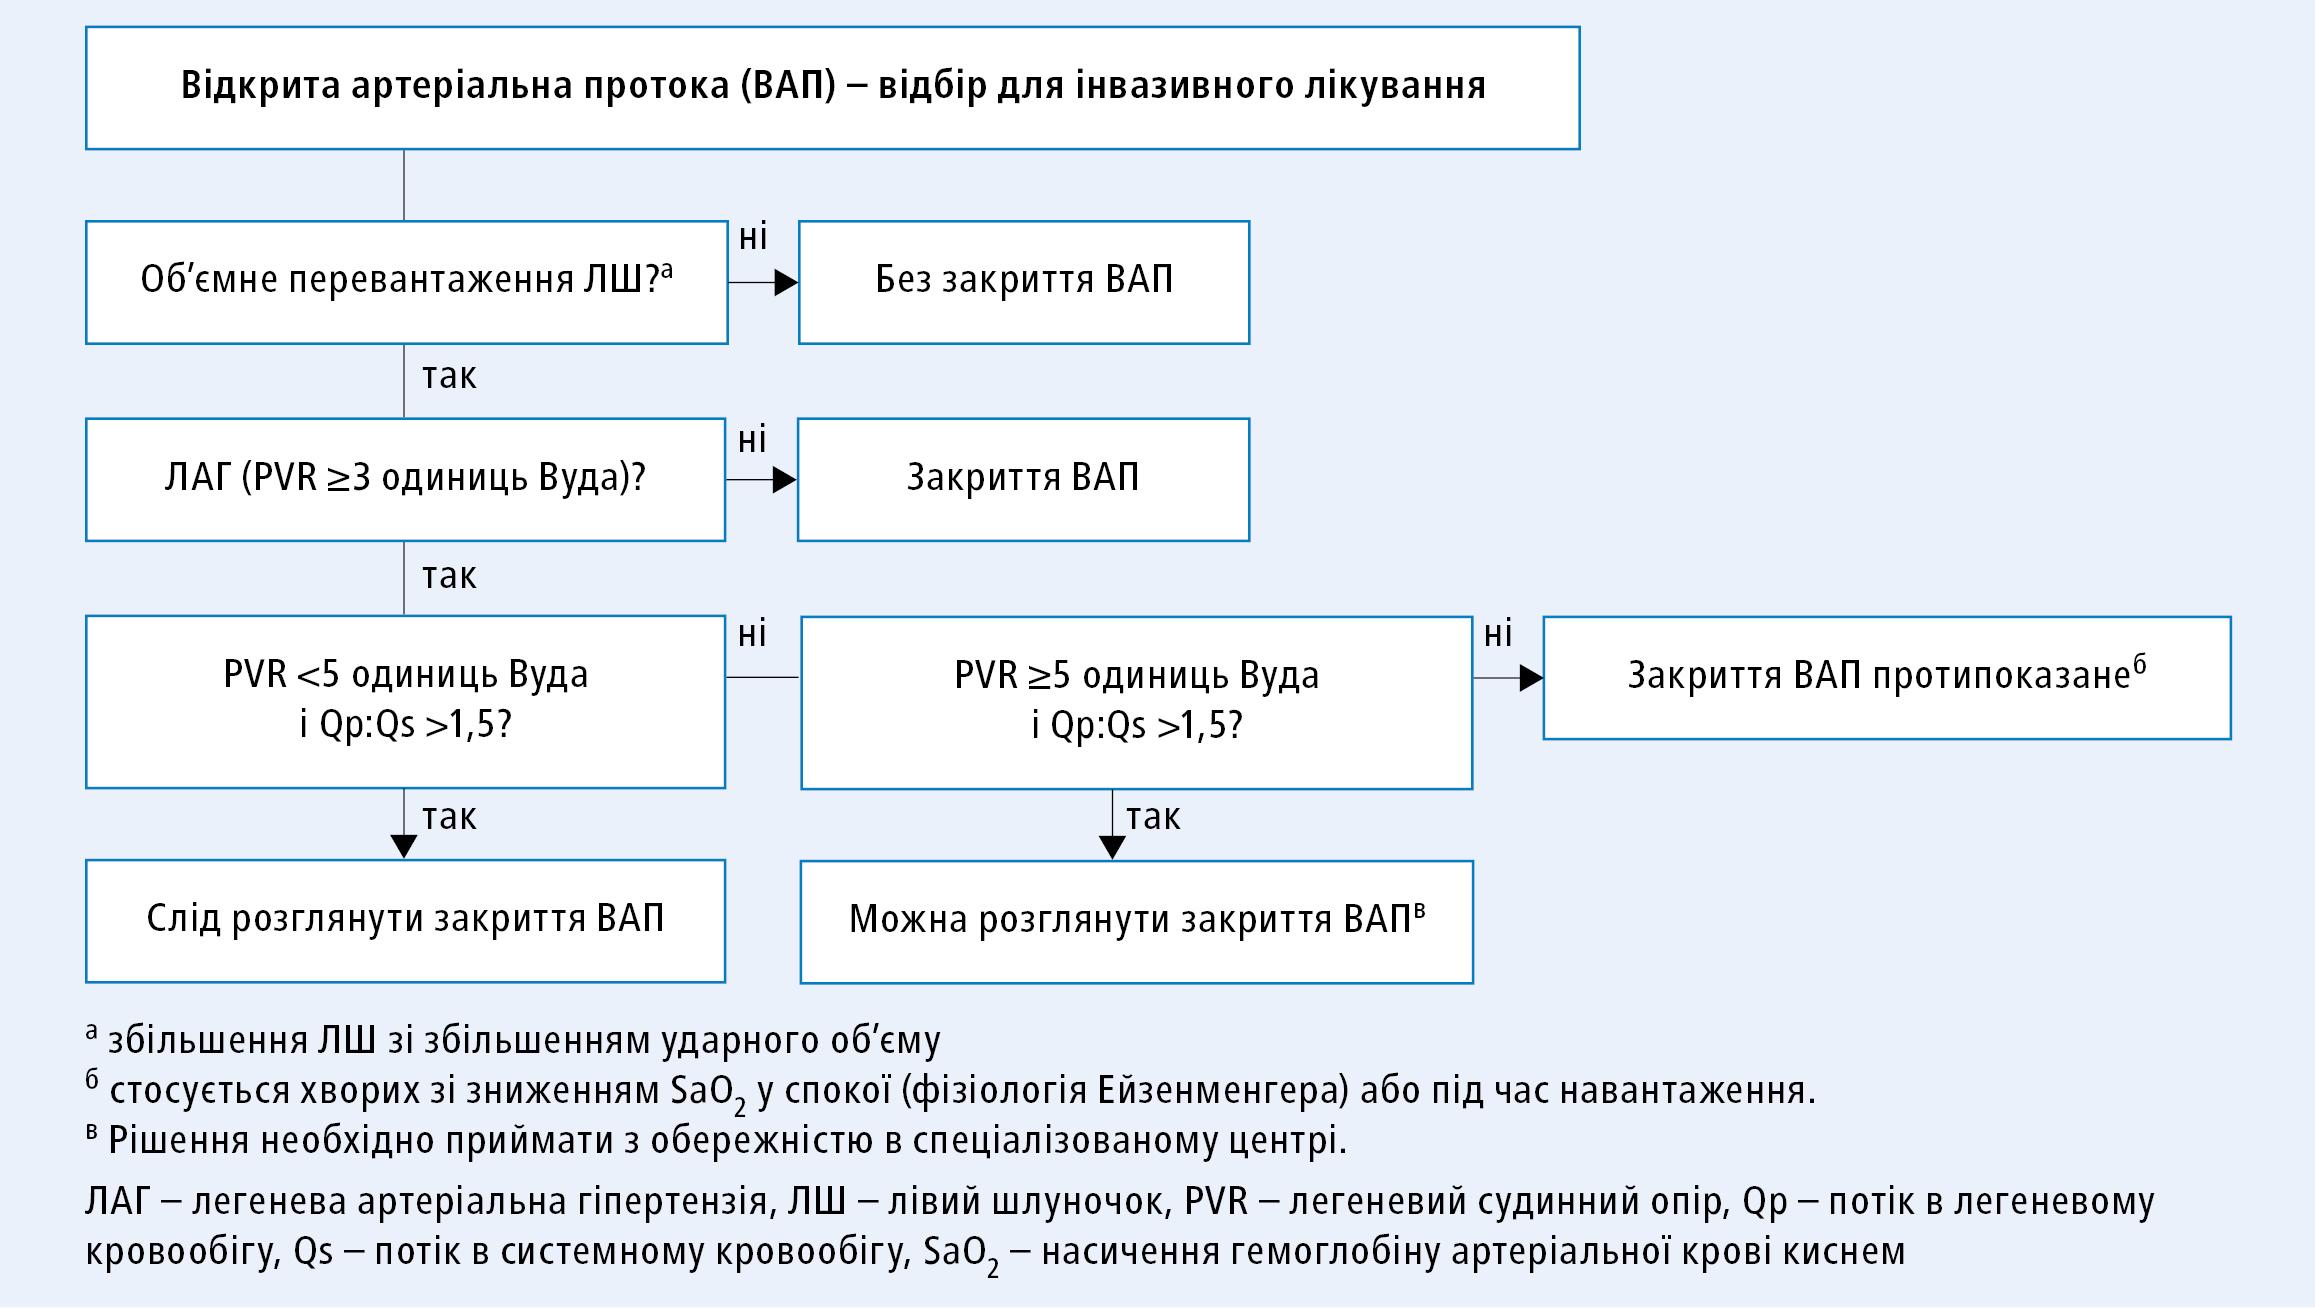 Алгоритм прийняття рішення щодо інвазивного лікування відкритої артеріальної протоки (згідно зклінічними настановами ESC 2020, модифіковано)